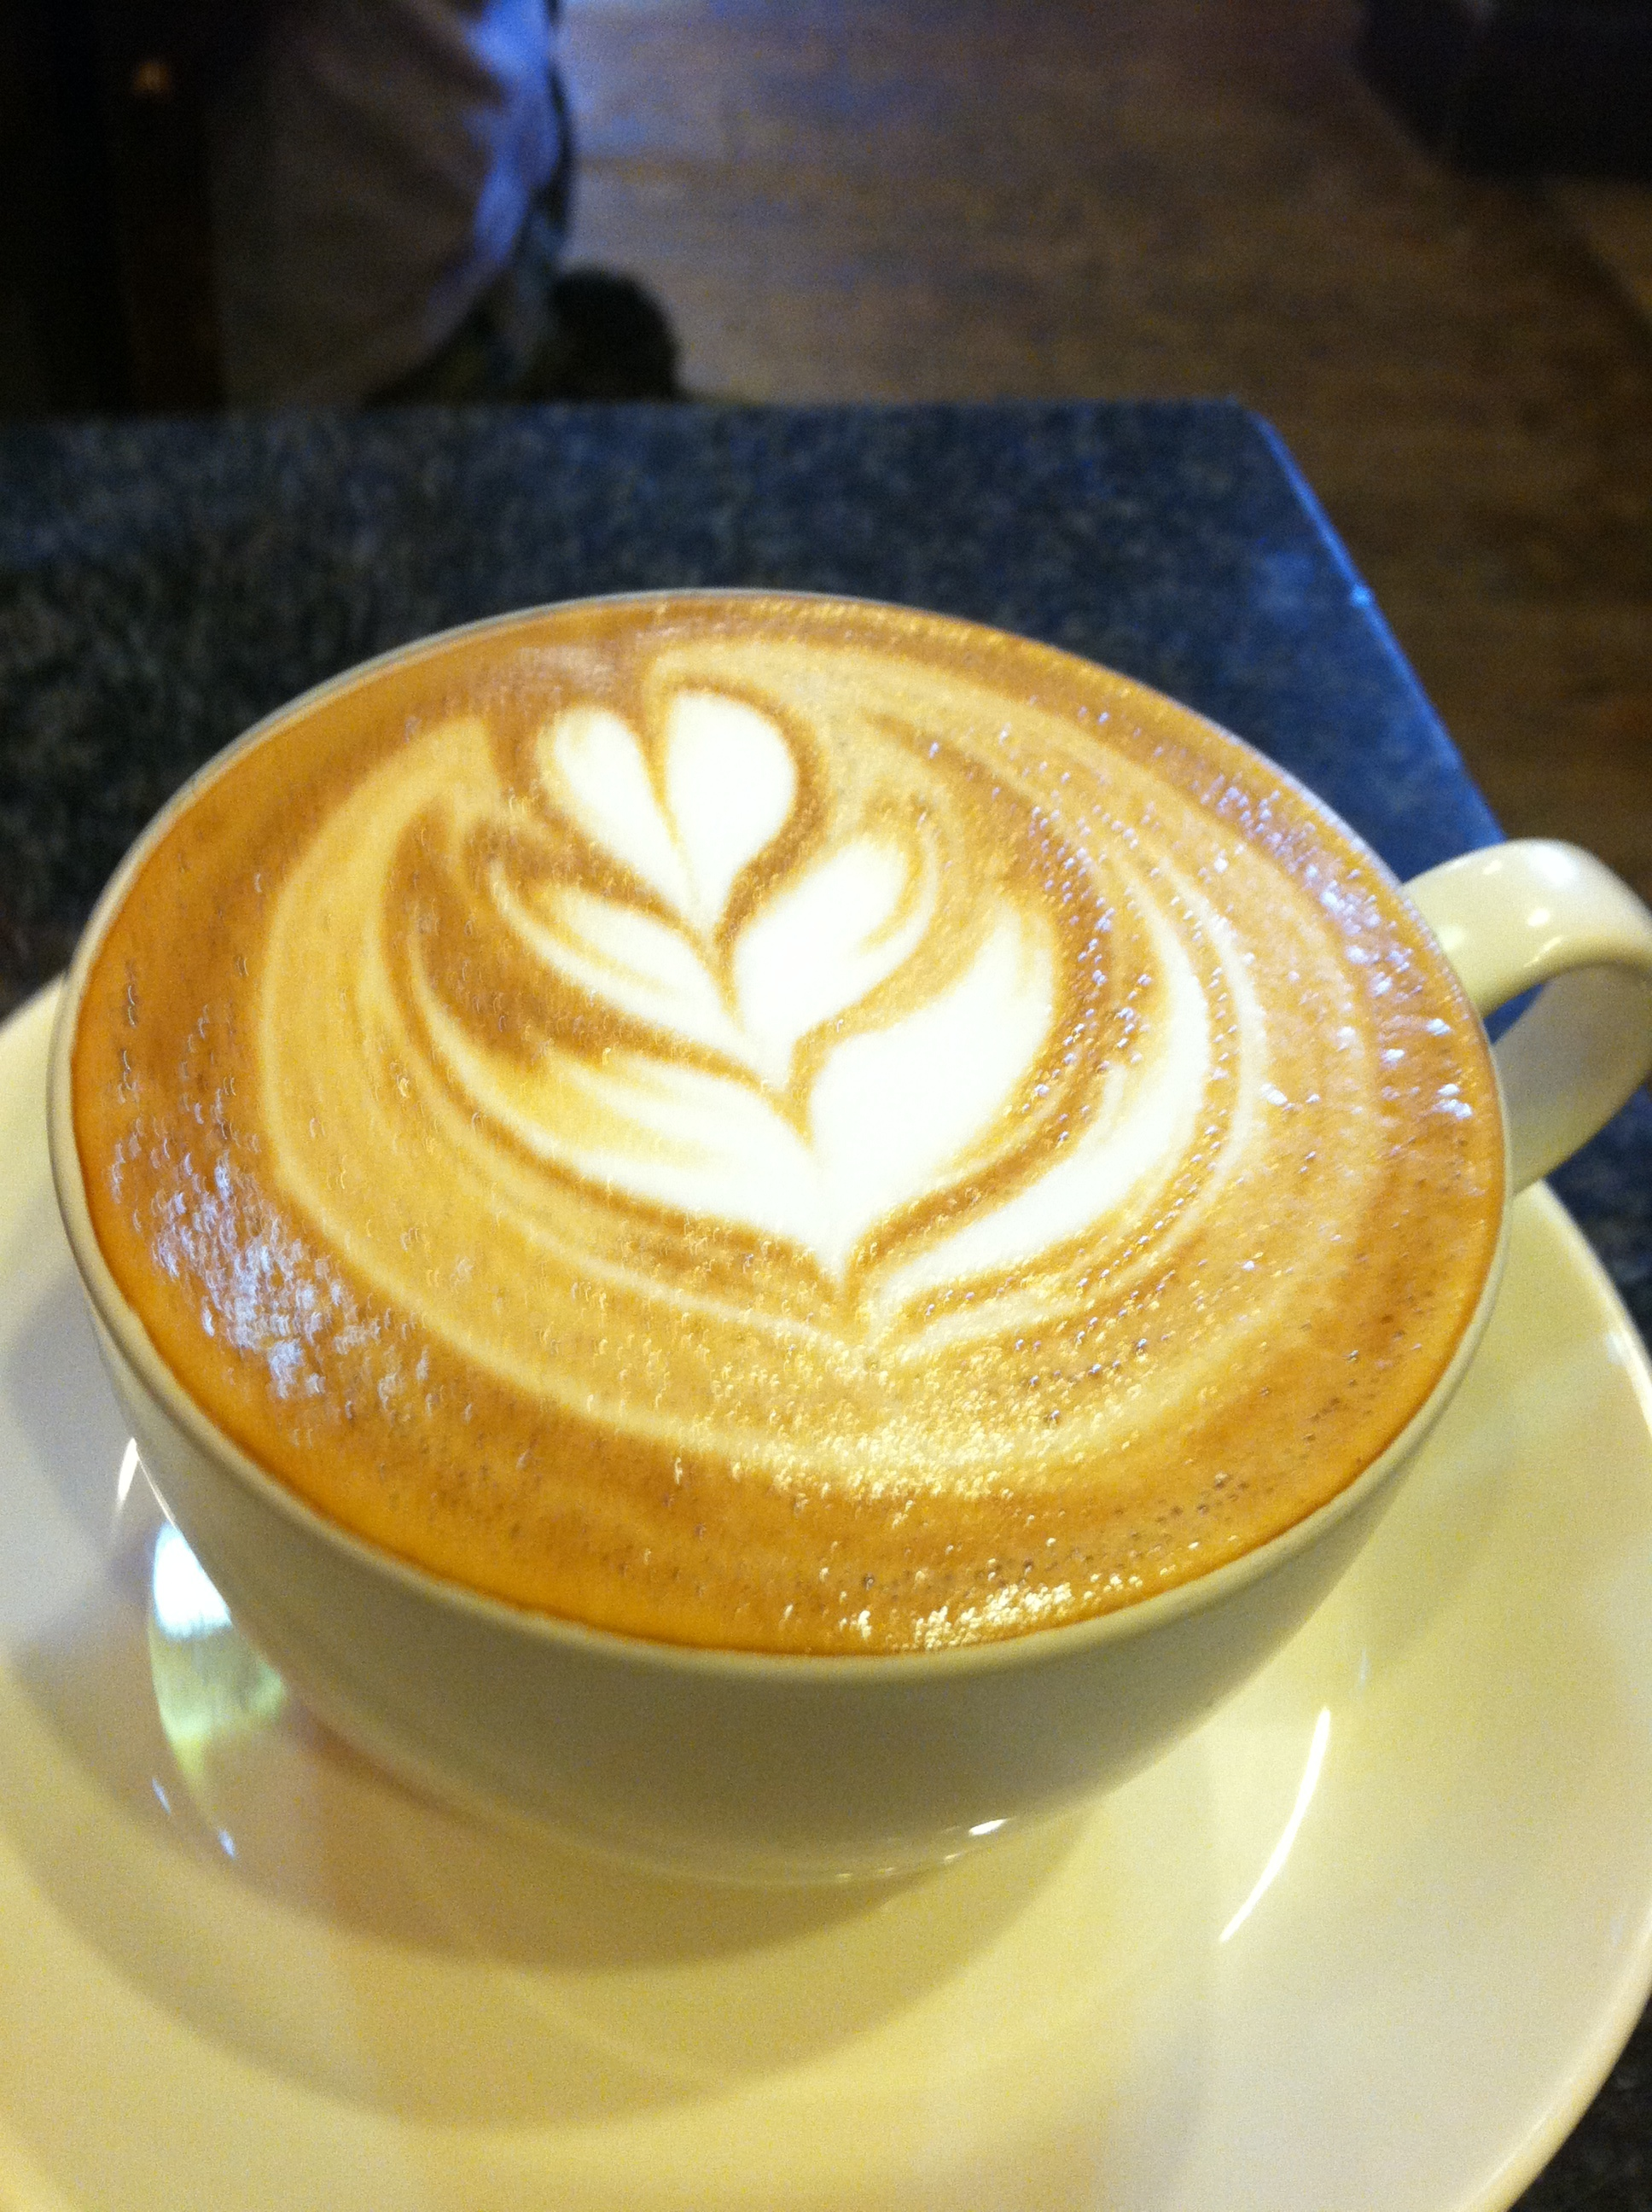 Simon's Coffee, Porter Square, Boston, MA